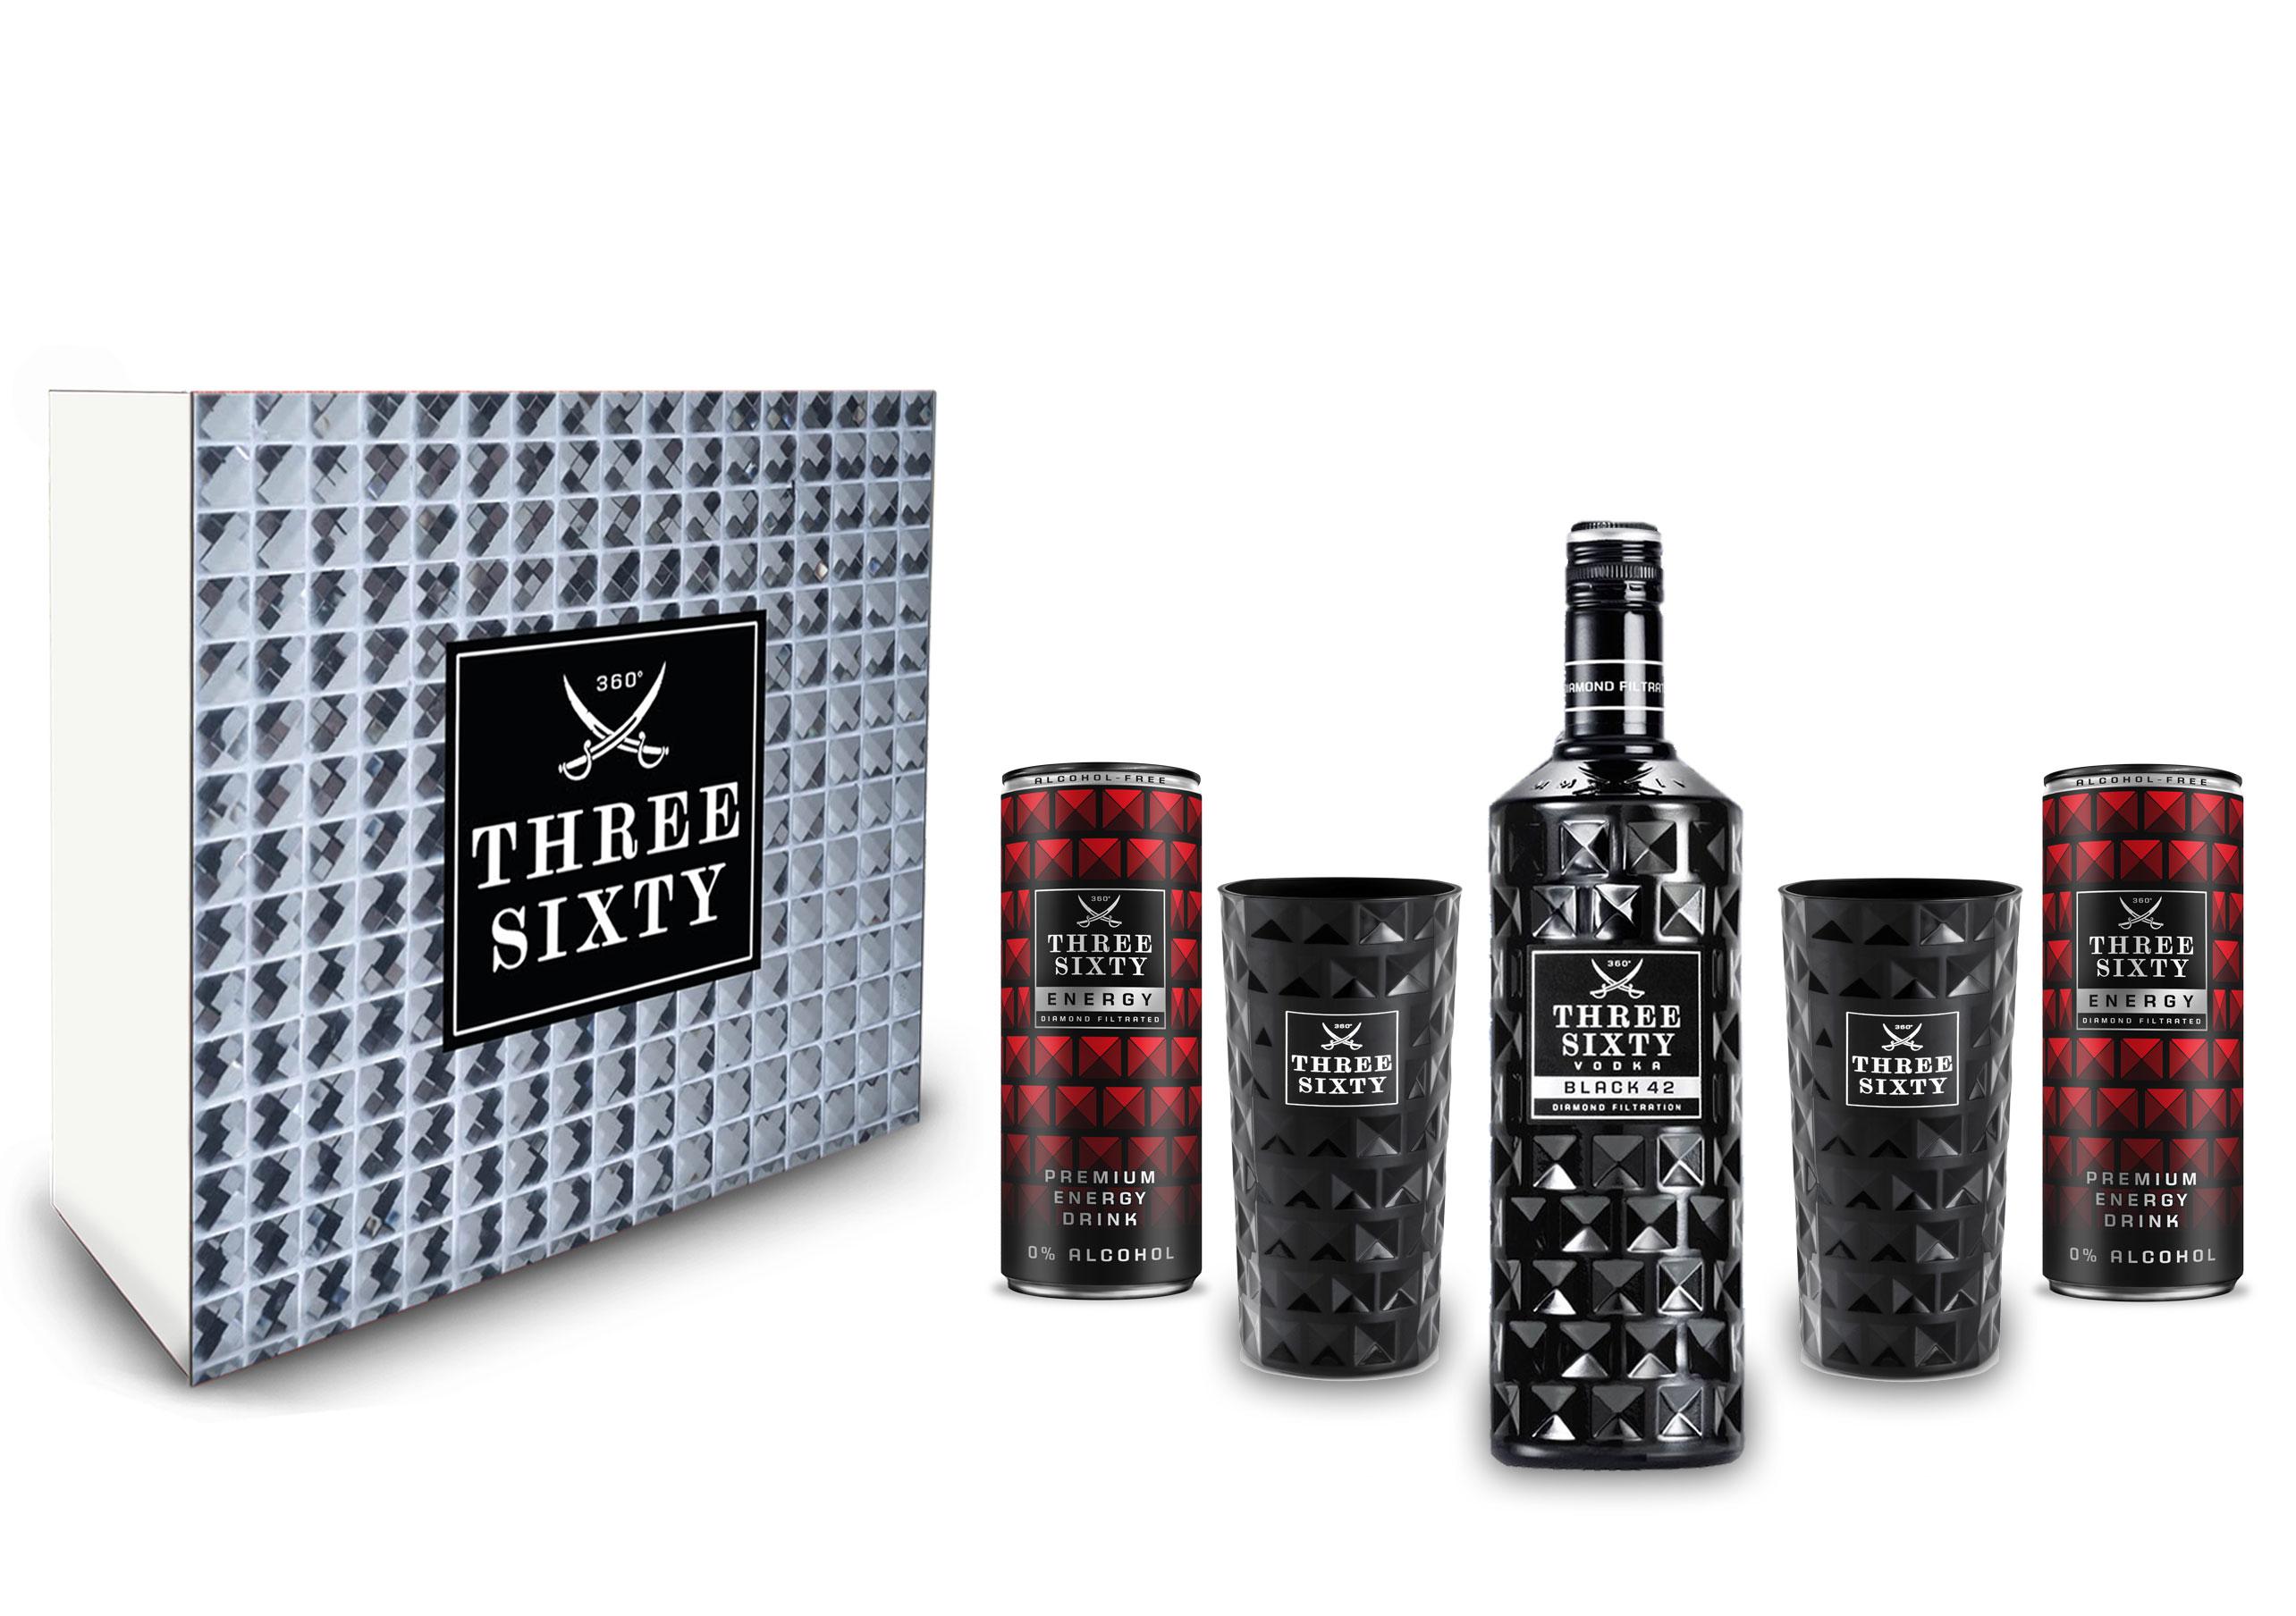 Three Sixty Geschenkset - Three Sixty Black Vodka 0,7L (42 % Vol) + 2x Energy Drink 250ml inkl. Pfand EINWEG + 2x black Gläser eckig Longdrink Glas in schwarz 300ml Fassung Kristall Glas - [Enthält Sulfite]